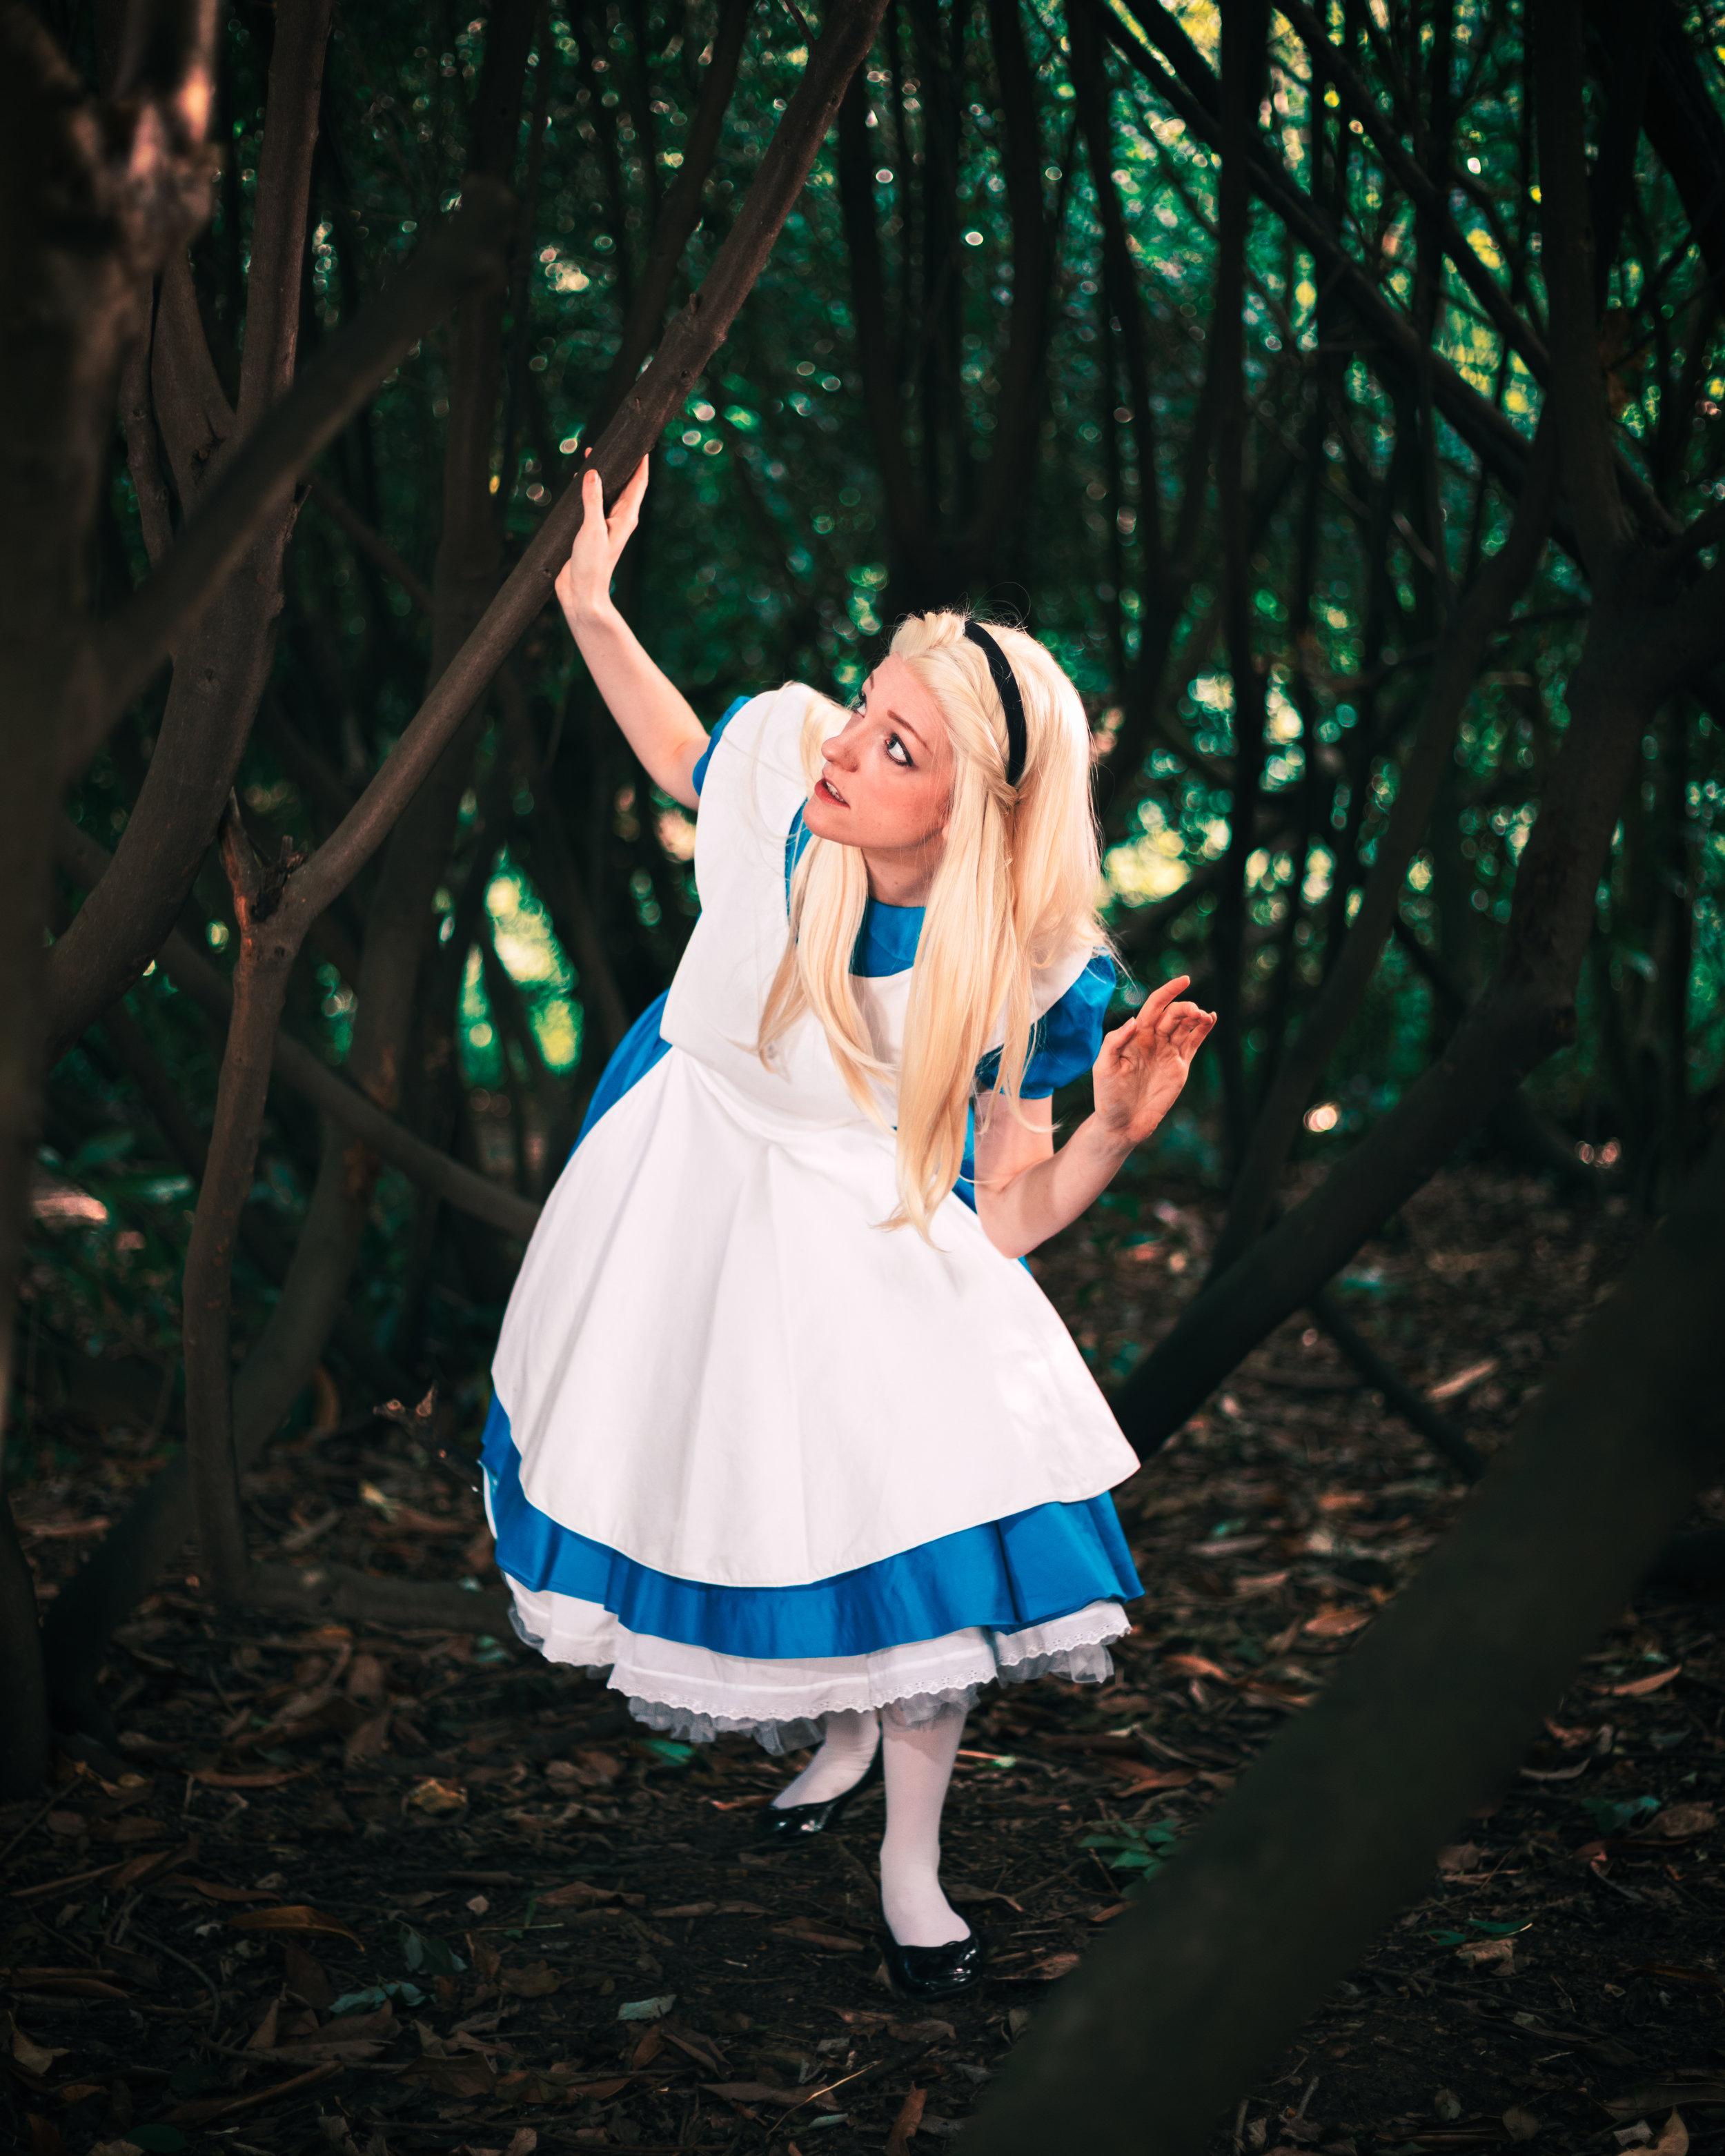 Alice-Cosplay-Photoshoot-001.jpg